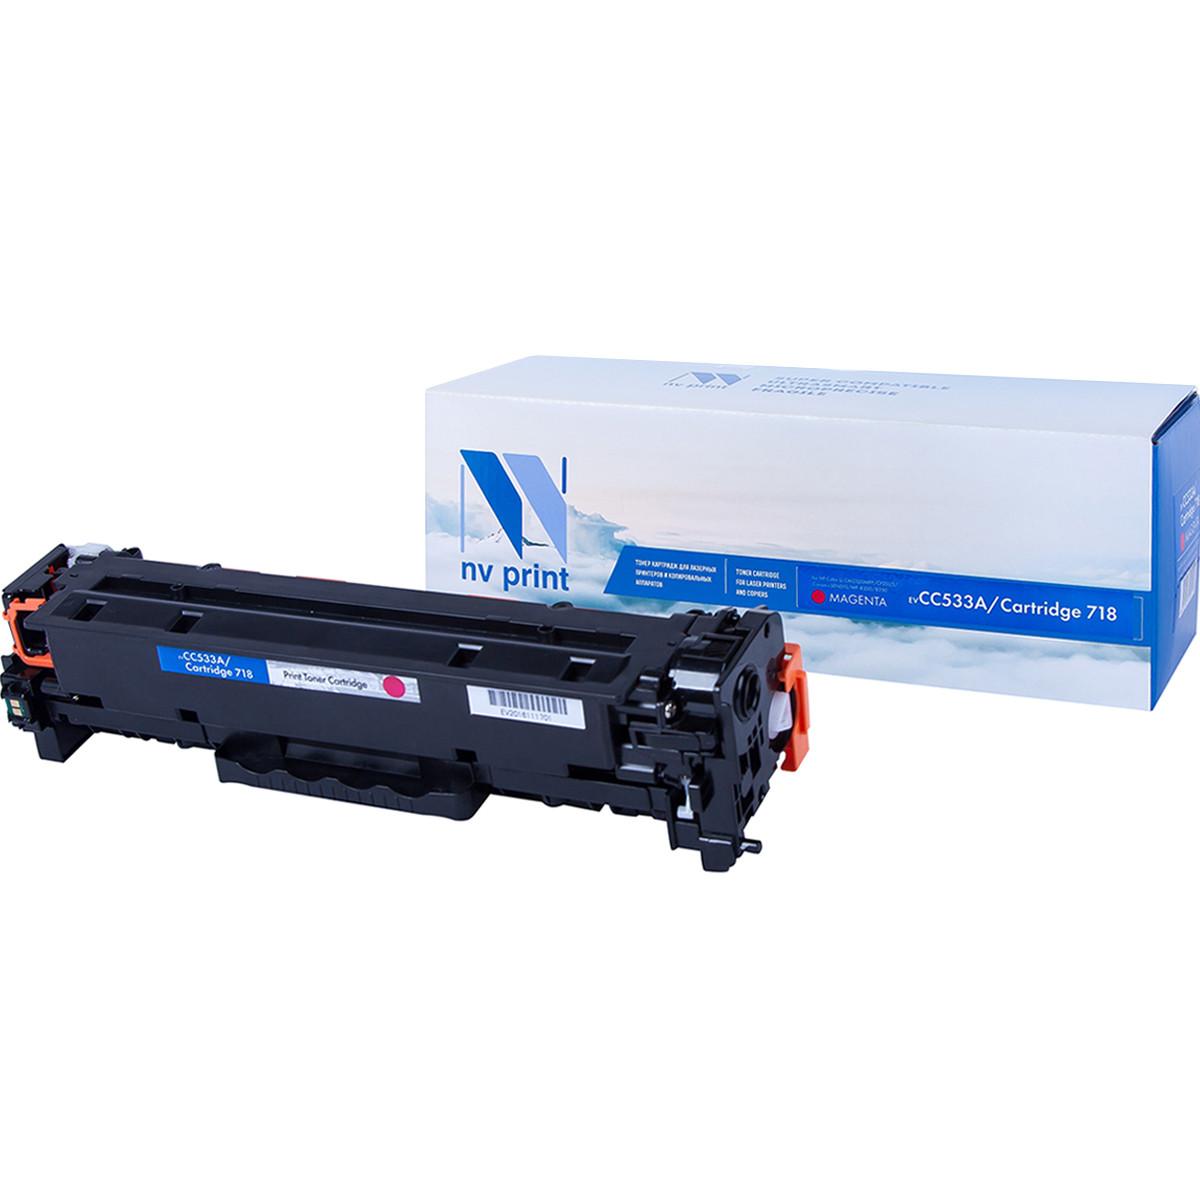 Картридж NVP совместимый HP CC533A/Canon 718 Magenta для LaserJet Color CP2025/CP2025dn/CP2025n/MFP-CM2320fx/CM2320n/Canon MF724Cdw/MF728Cdw  i-SENSYS